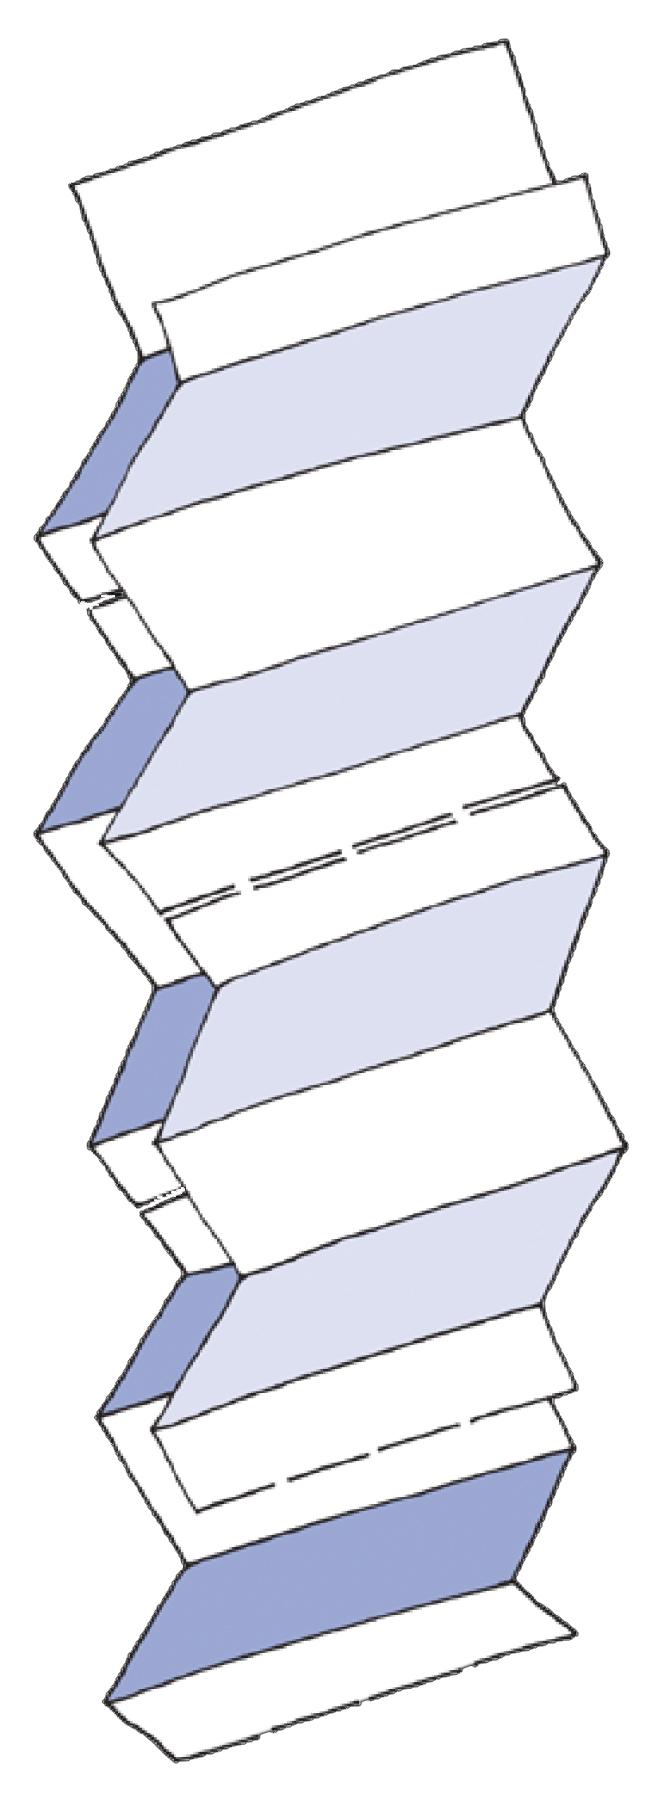 Полотенца листовые W (interfold)-складка 2-сл., целлюлоза, 144 лист.(23,5*25,5см.), бел. Katrin - фото 3